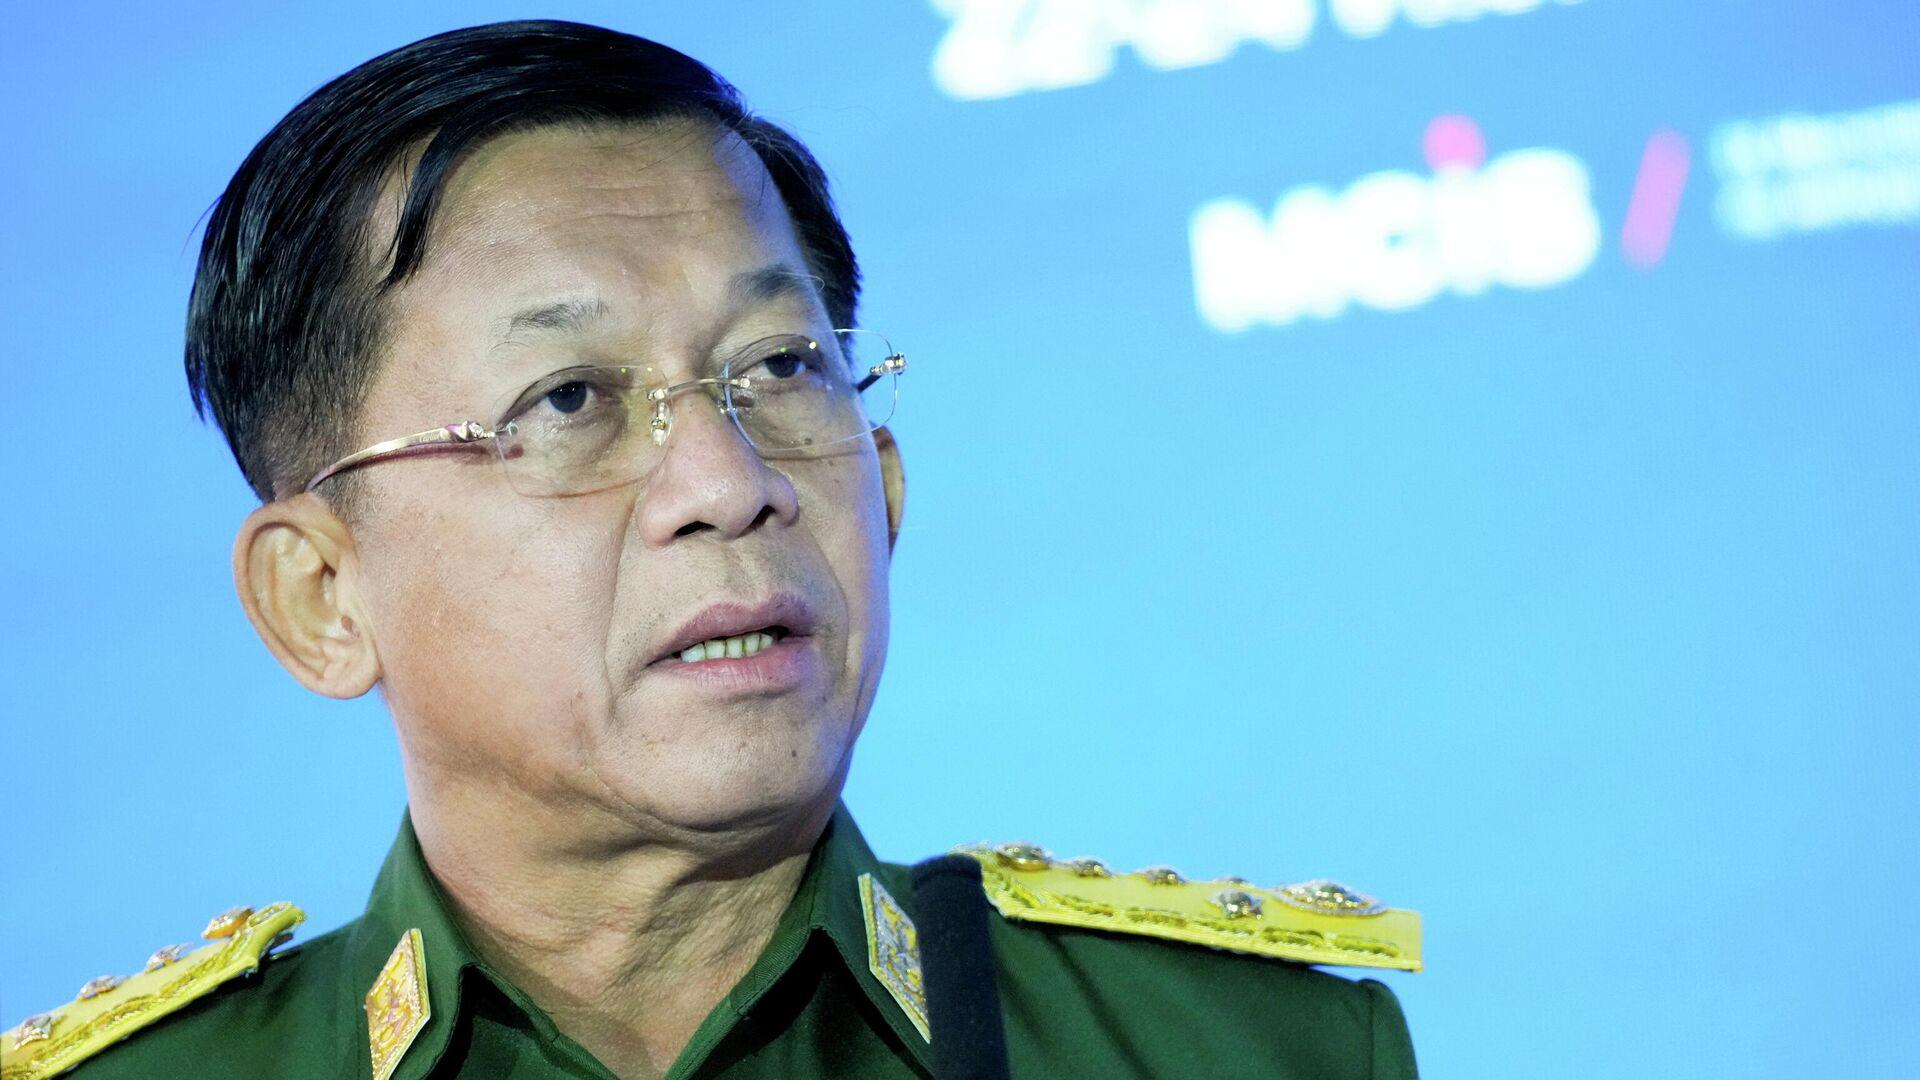 El comandante en jefe de las Fuerzas Armadas de Birmania, Min Aung Hlaing, pronuncia un discurso en la IX Conferencia de Moscú sobre la Seguridad Internacional, Rusia, el 23 de junio de 2021. Alexander Zemlianichenko / Pool vía REUTERS / Foto de archivo - Sputnik Mundo, 1920, 01.08.2021